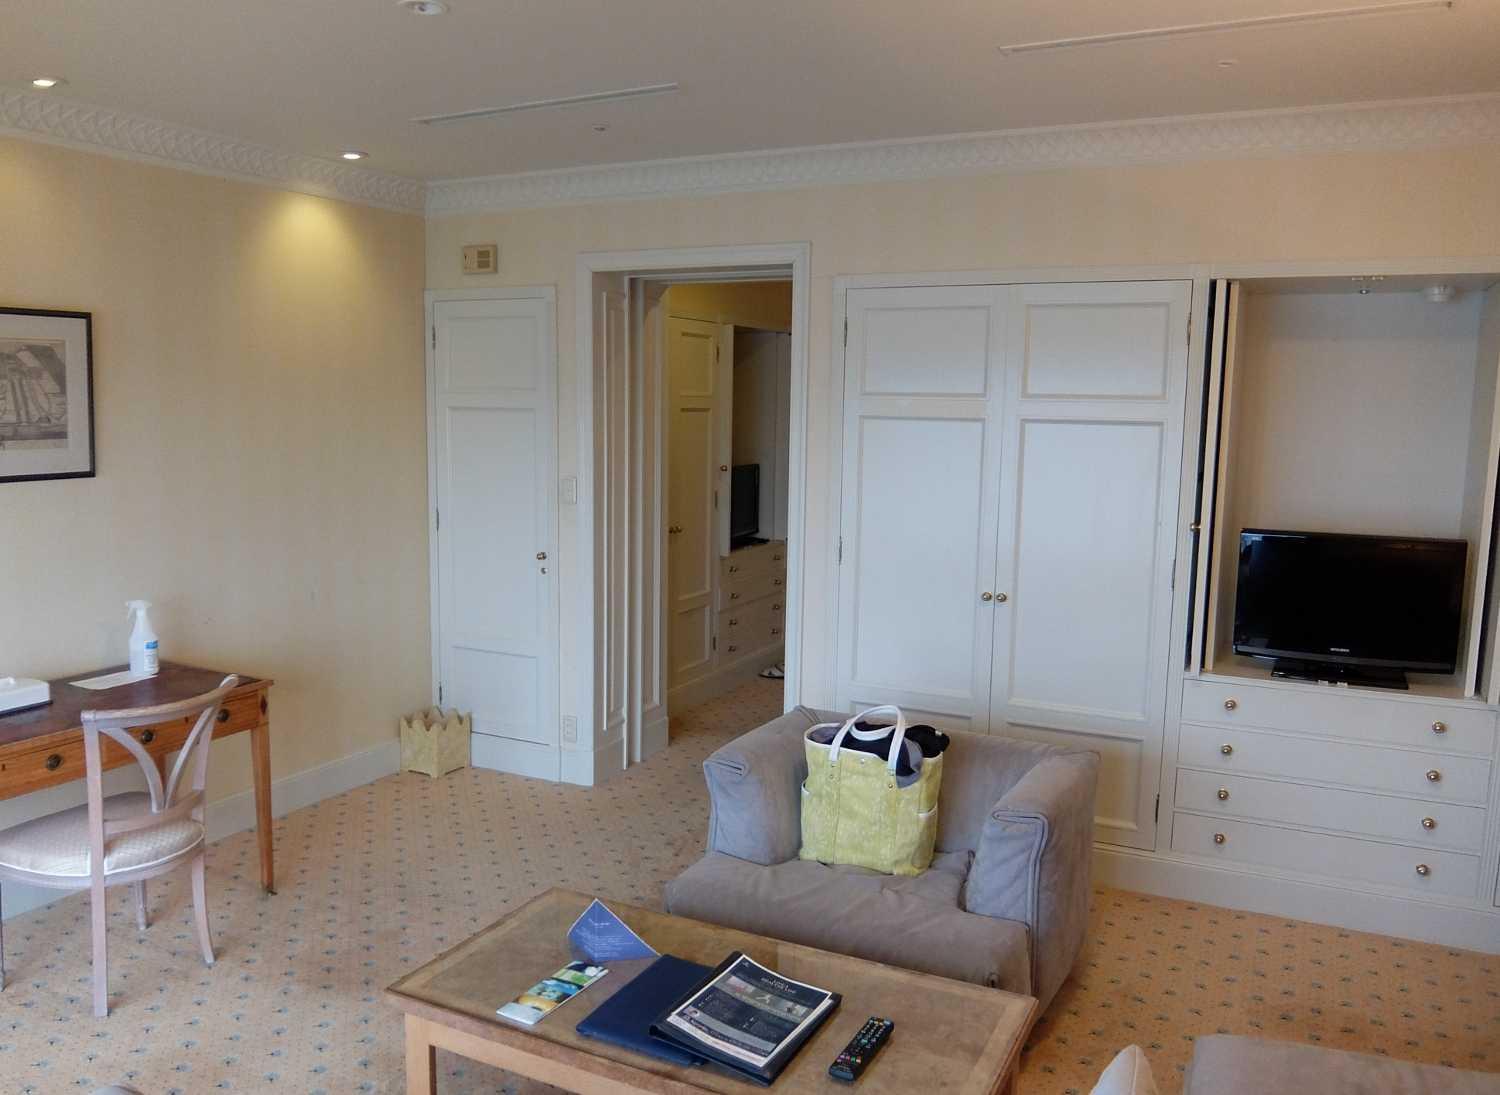 和歌山 白浜 ホテル川久 スイート 部屋 客室 王様の王様のビュッフェ